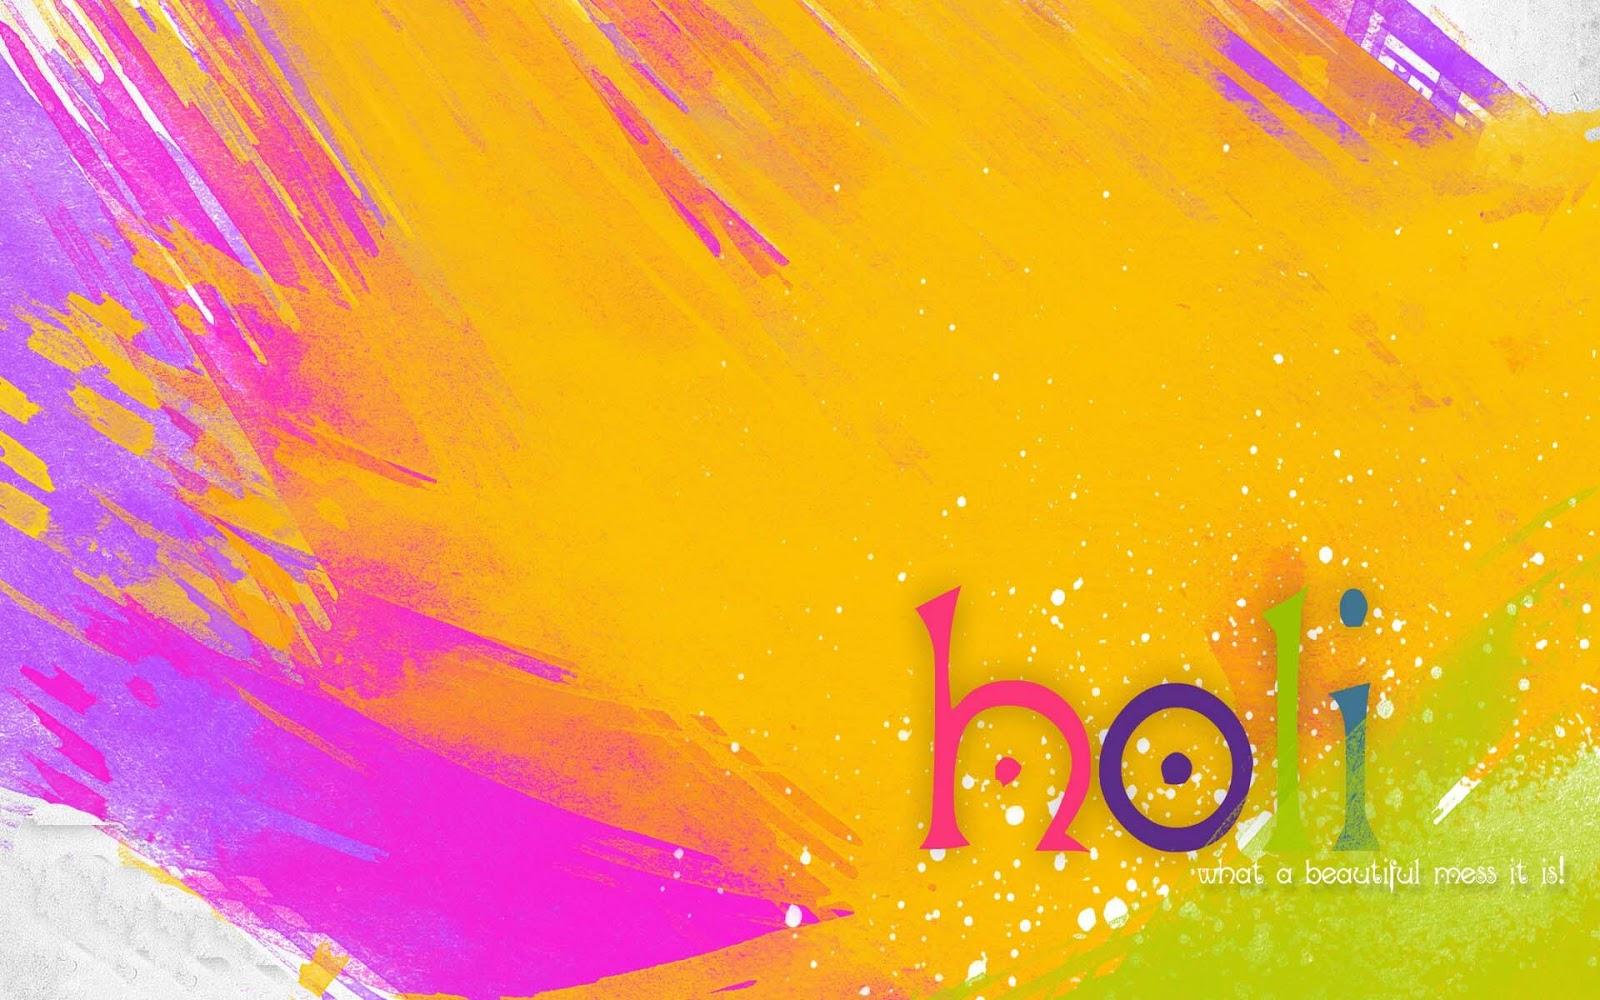 http://3.bp.blogspot.com/-F7rFE-4H9ds/UUleNTheLRI/AAAAAAAADyc/2M7DwBM2IAQ/s1600/holi%2Bwallpaper%2Bhd%2Bgreetings.jpg